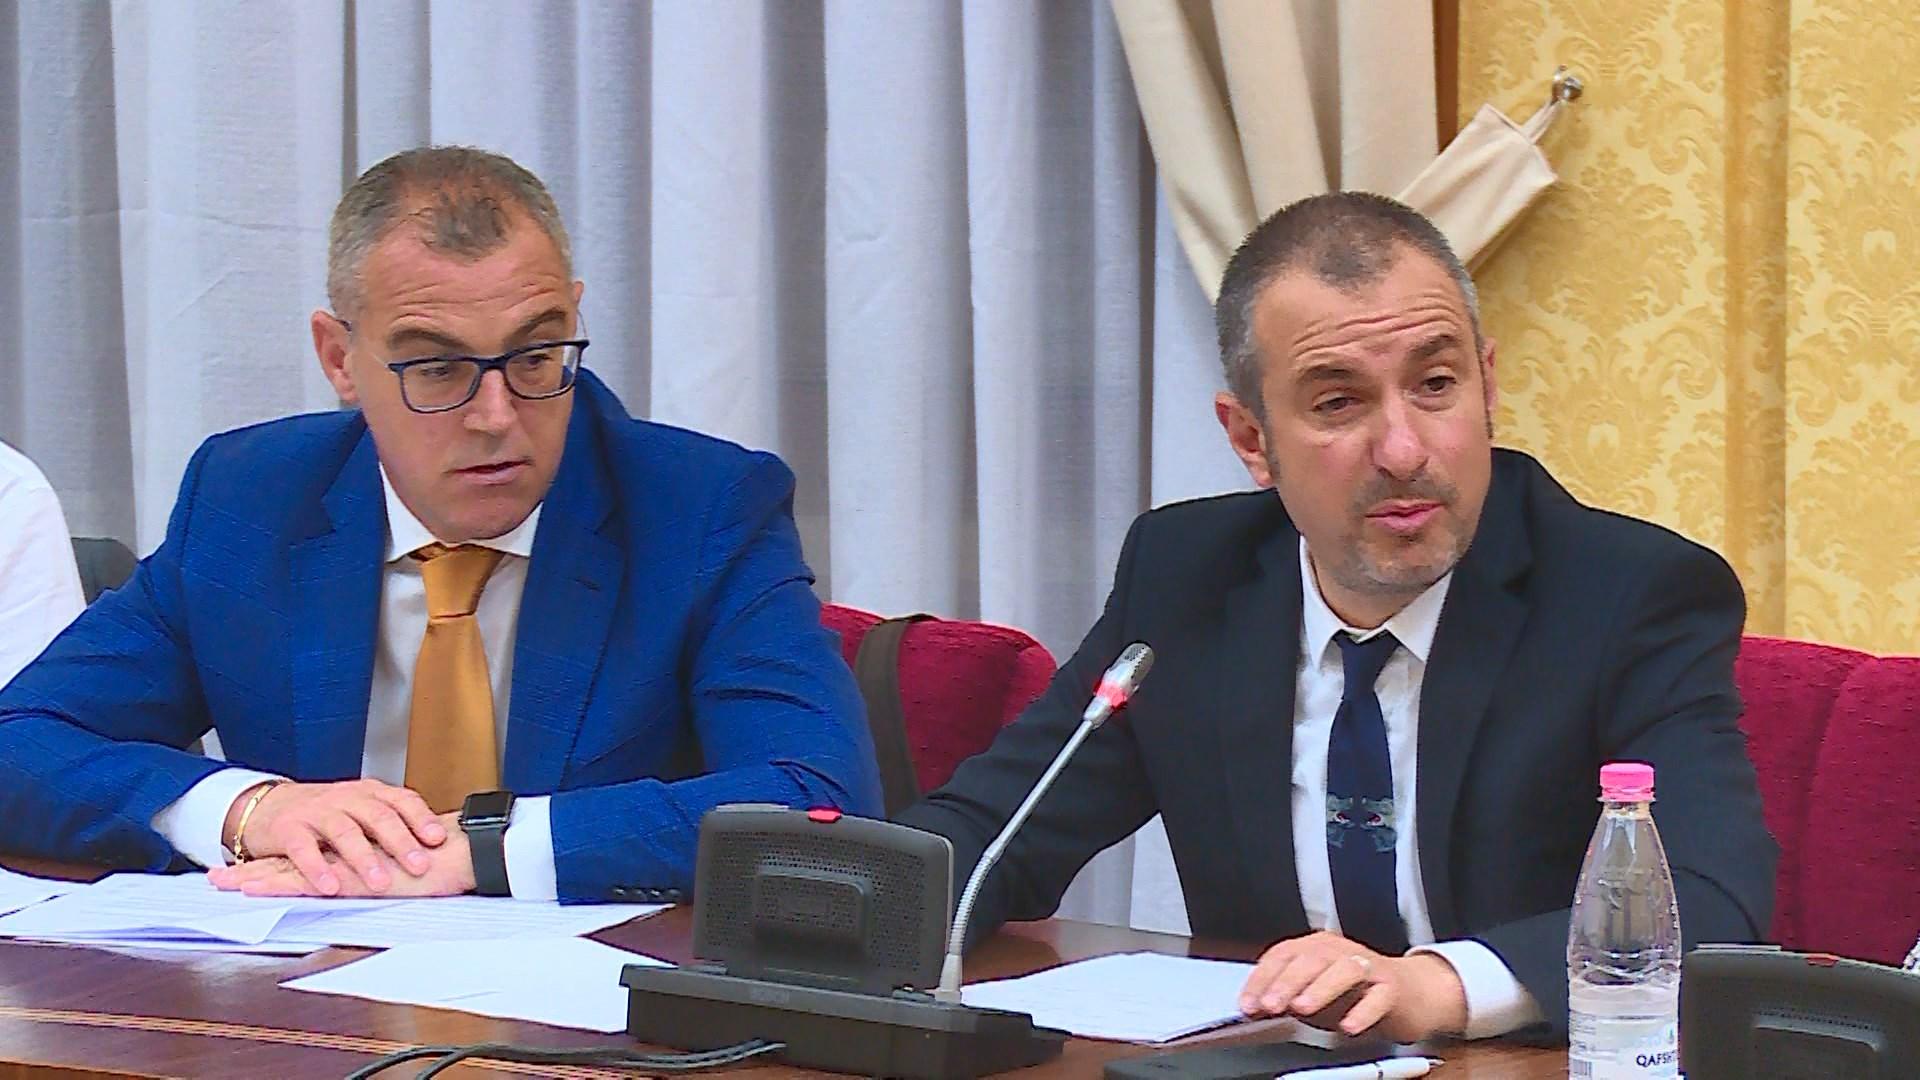 Forcimi i lekut kundrejt euros/ Bushati: Bien supozimet e opozitës